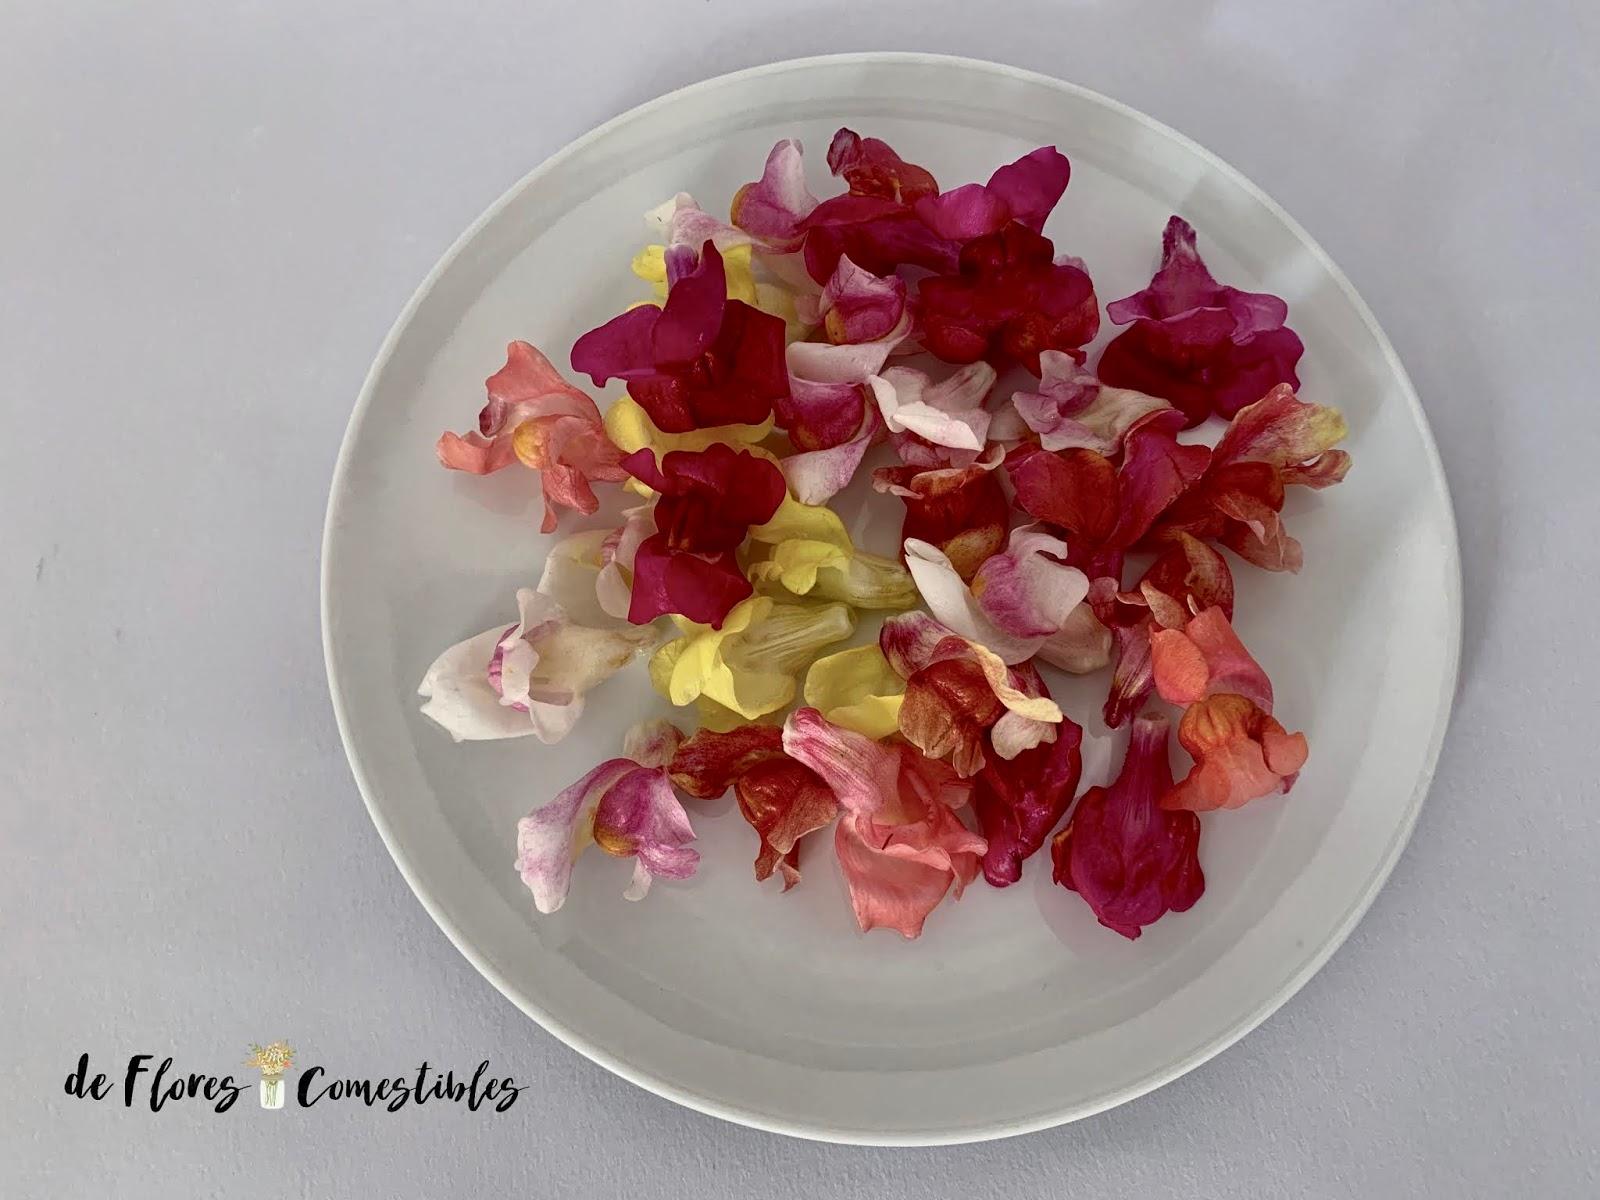 Flores de colores comestibles.